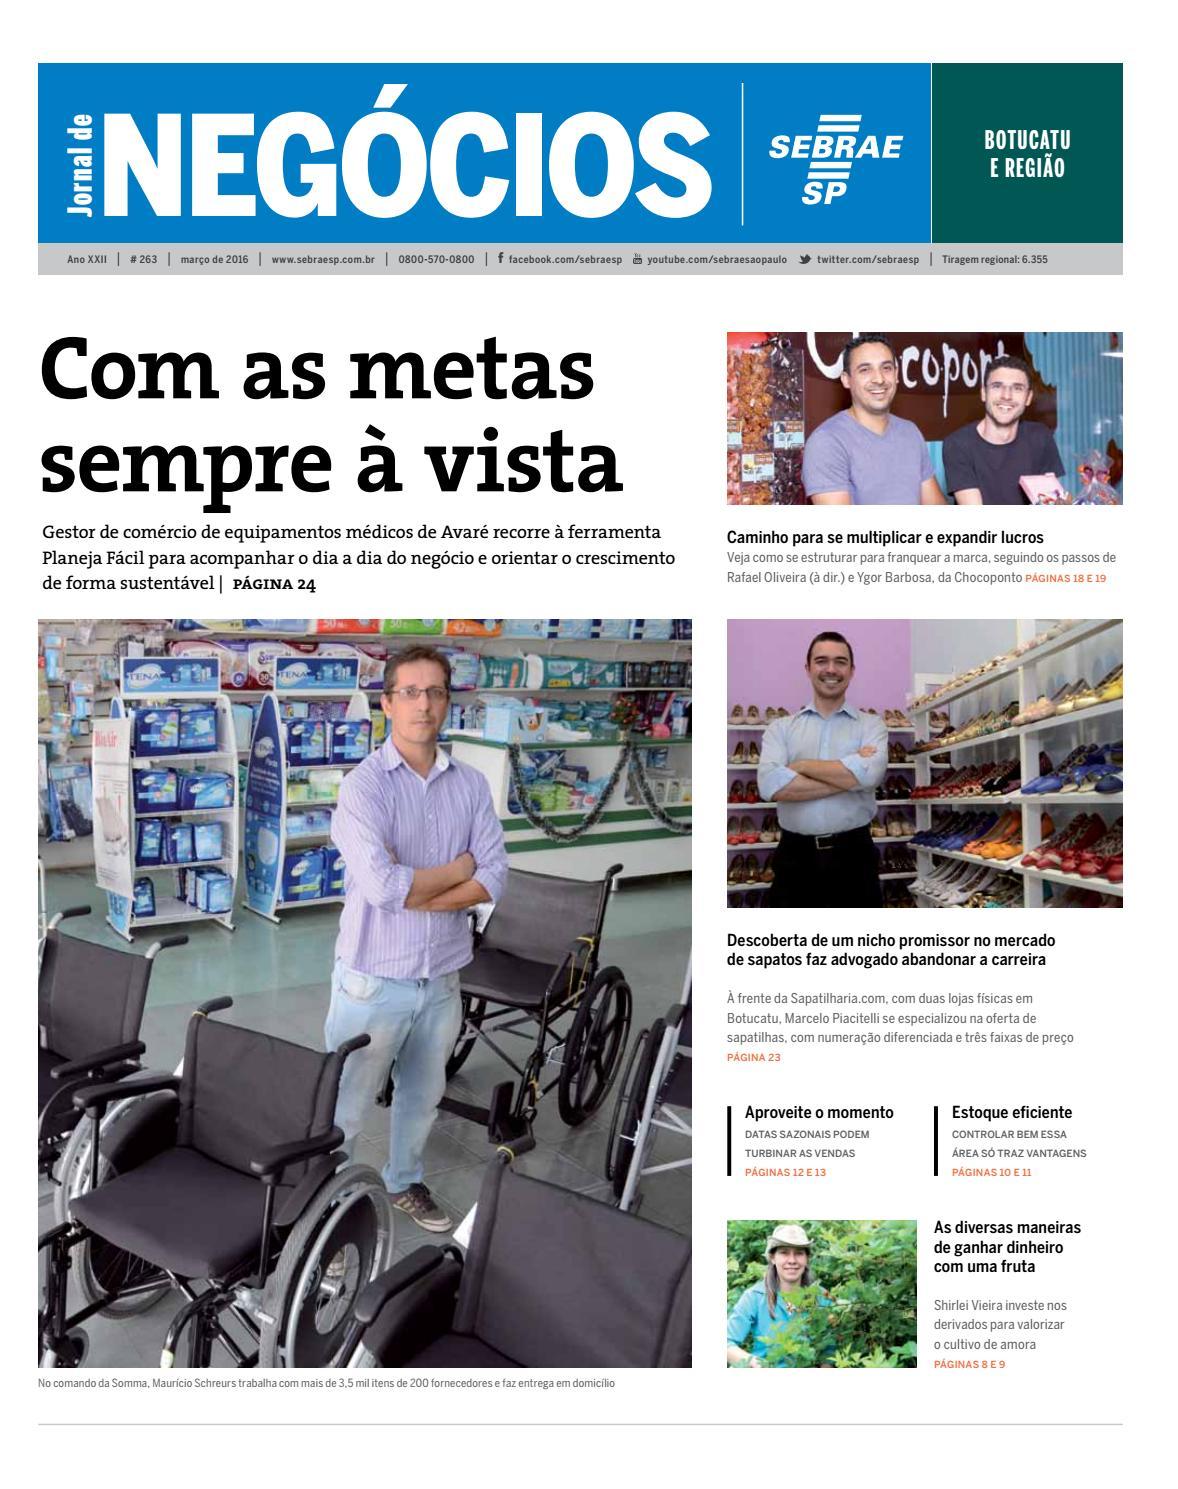 a256d089f Jornal de Negócios Sebrae-SP - 01 de março de 2016 - Botucatu e região by  Sebrae-SP - issuu